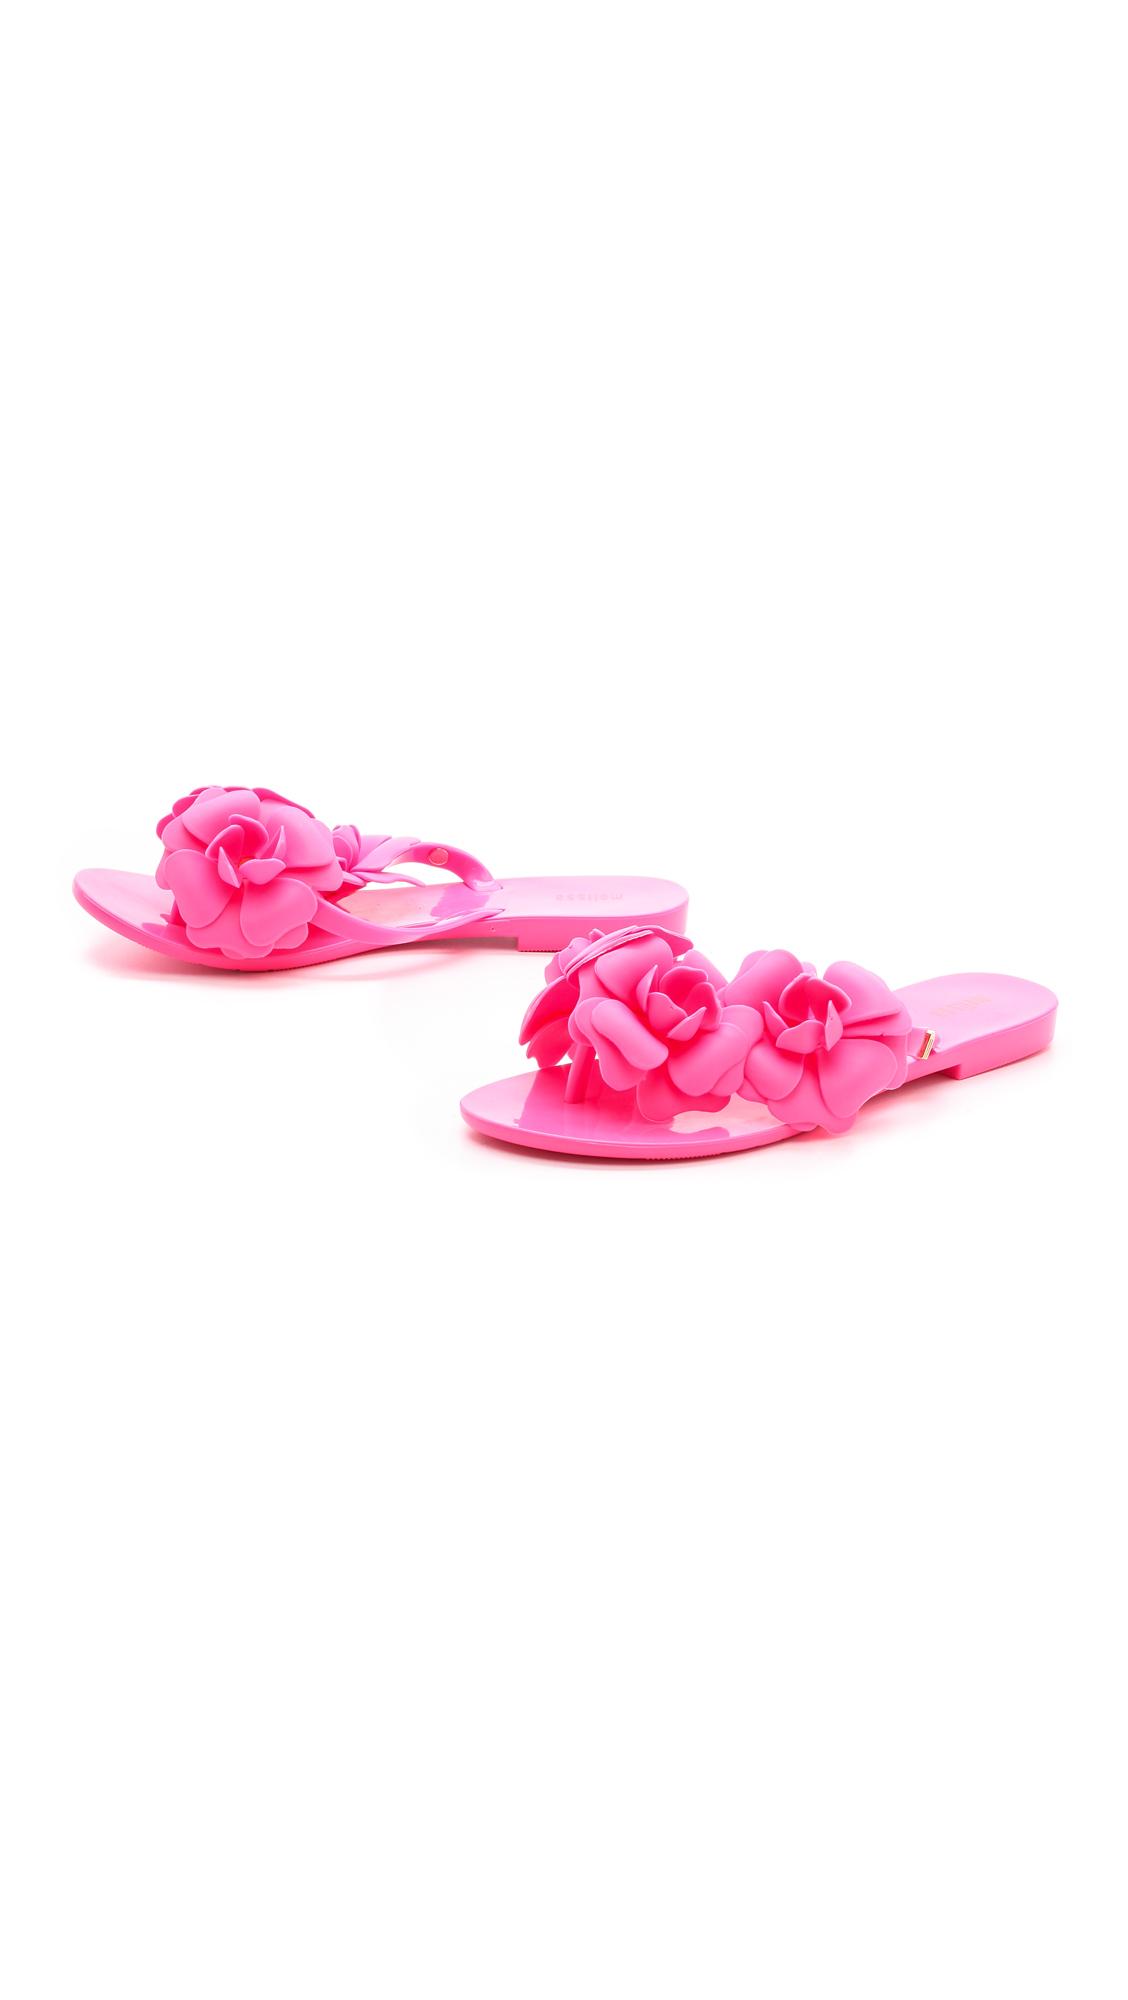 Lyst Melissa Harmonic Flower Flip Flops White In Pink